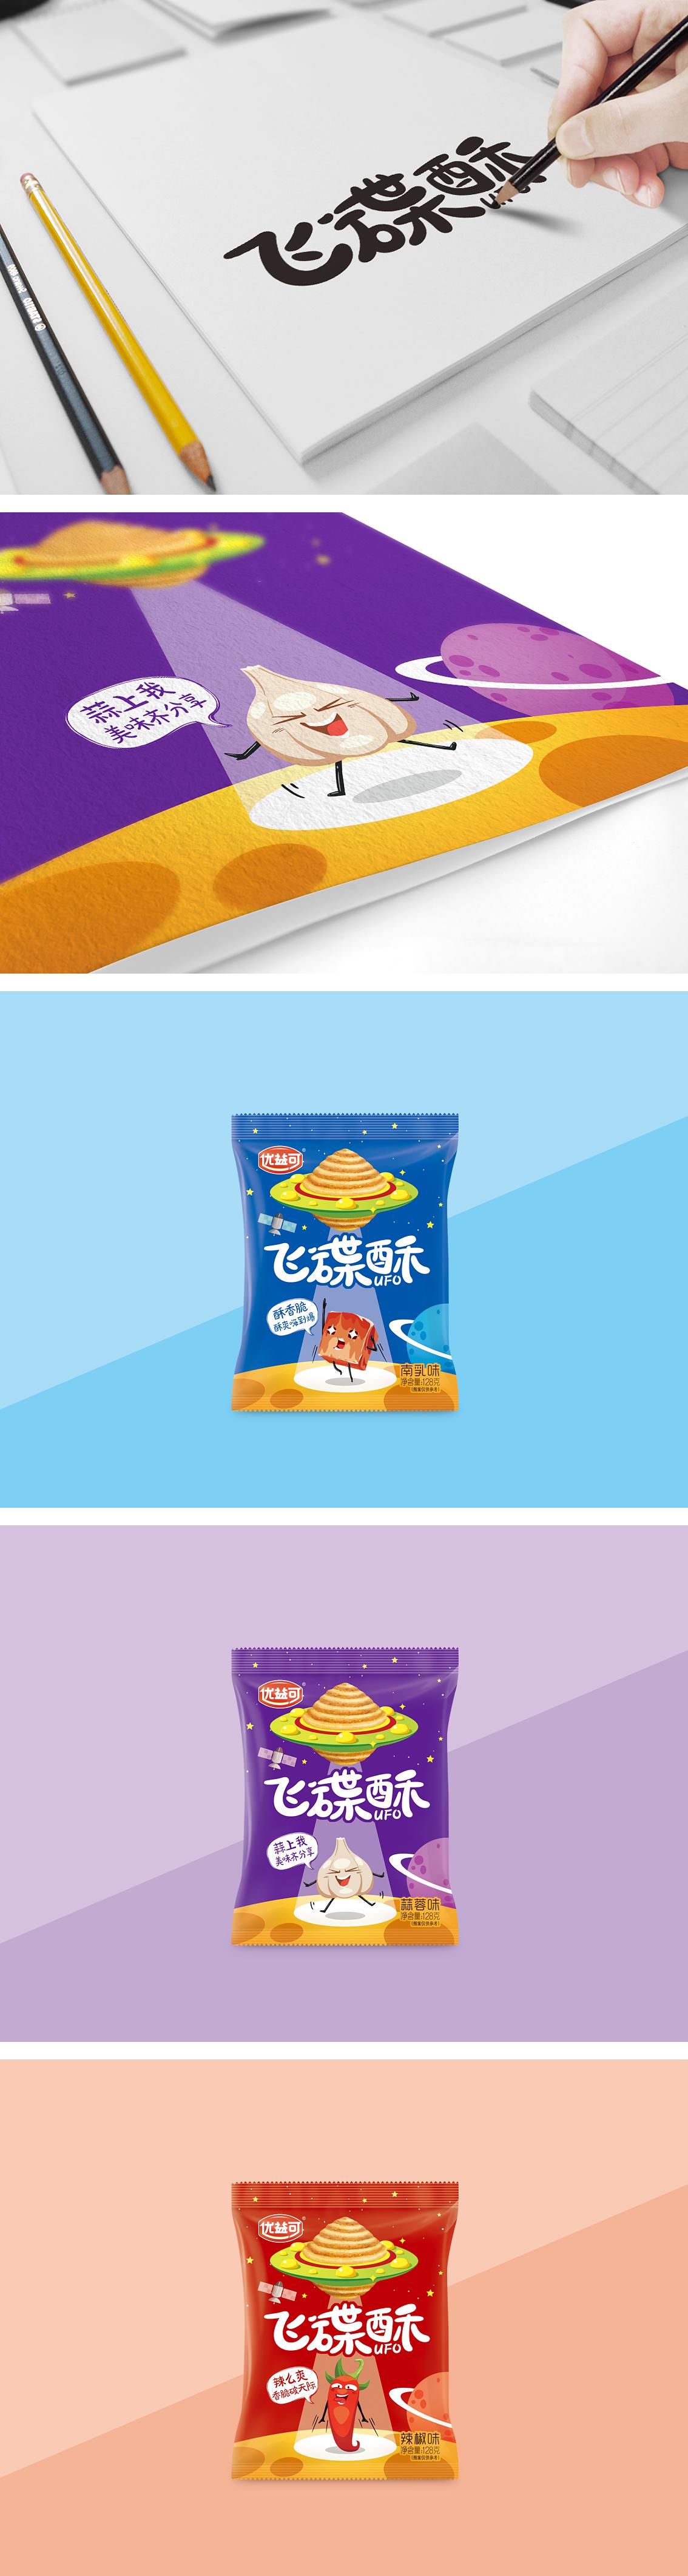 猫耳酥飞碟酥食品包装系列策划与设计